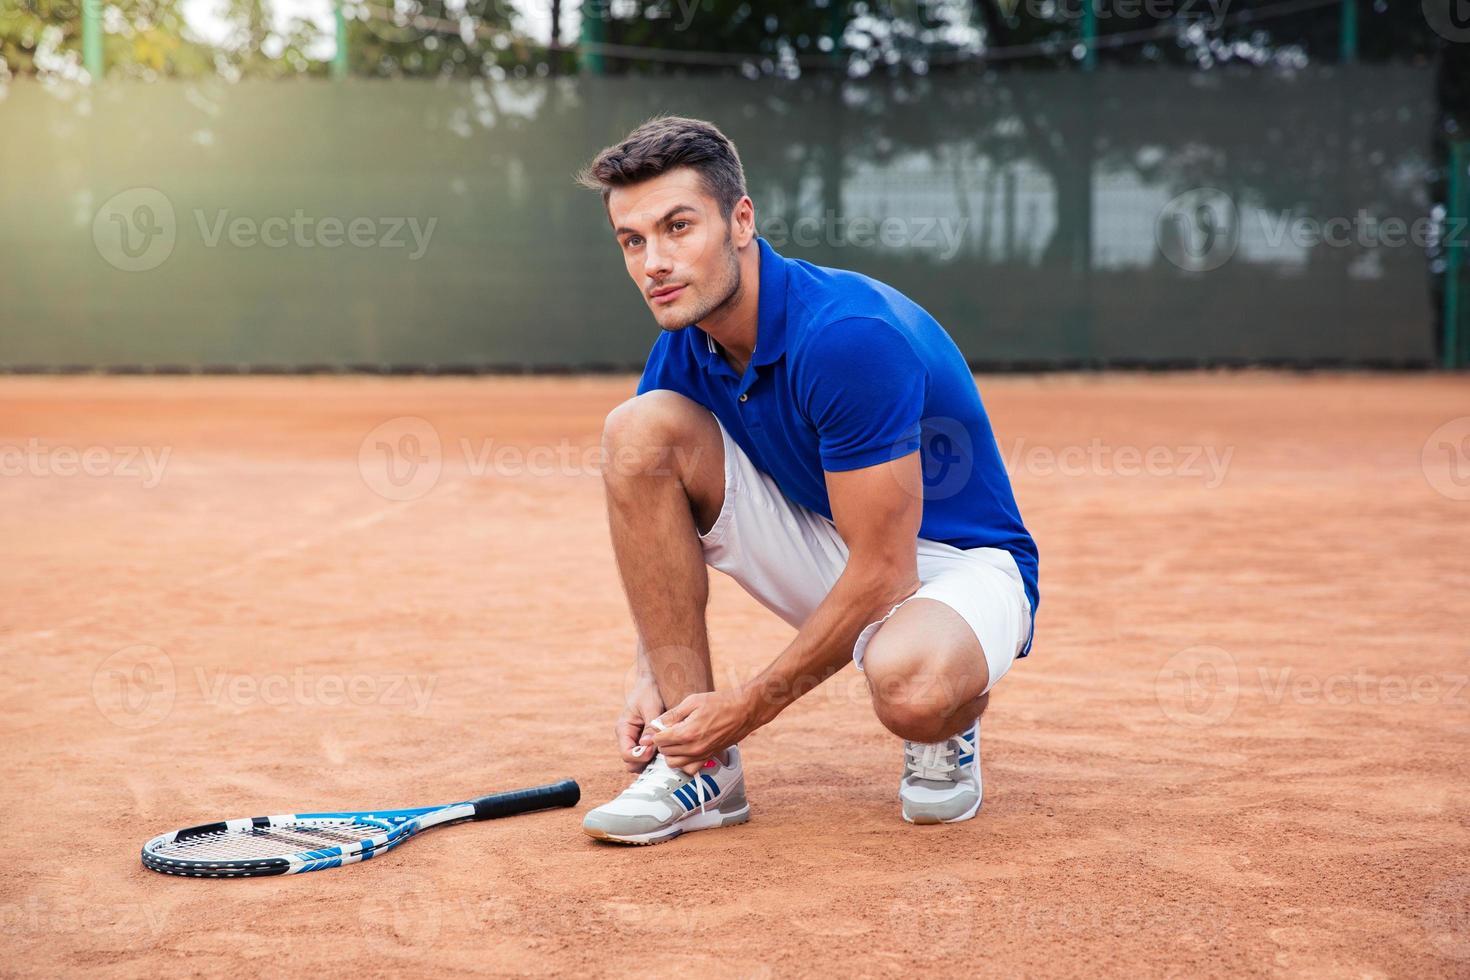 männlicher Tennisspieler, der Schnürsenkel bindet foto